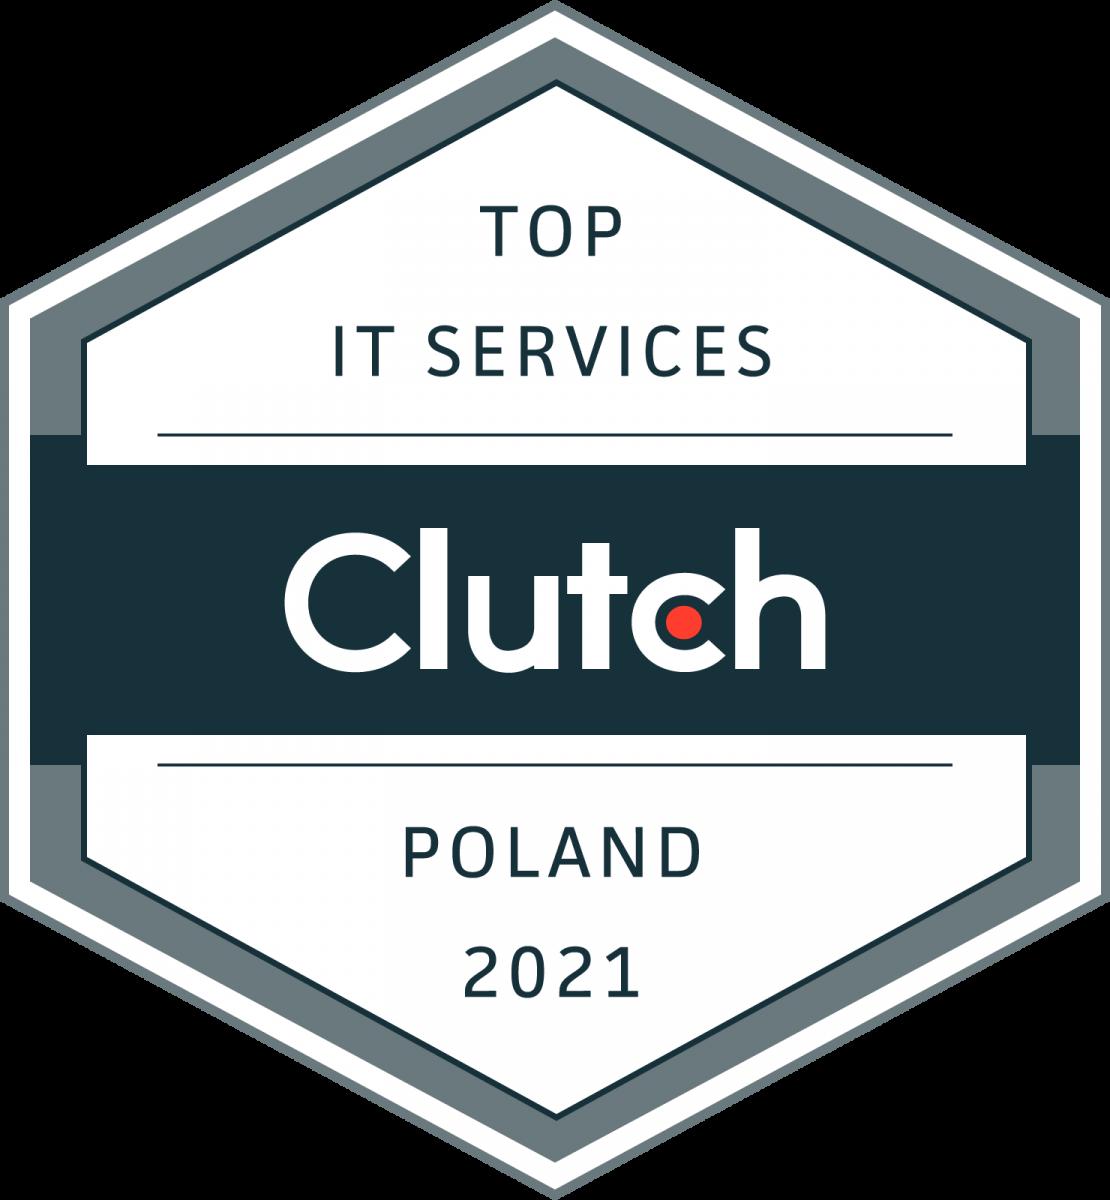 it services poland 2021